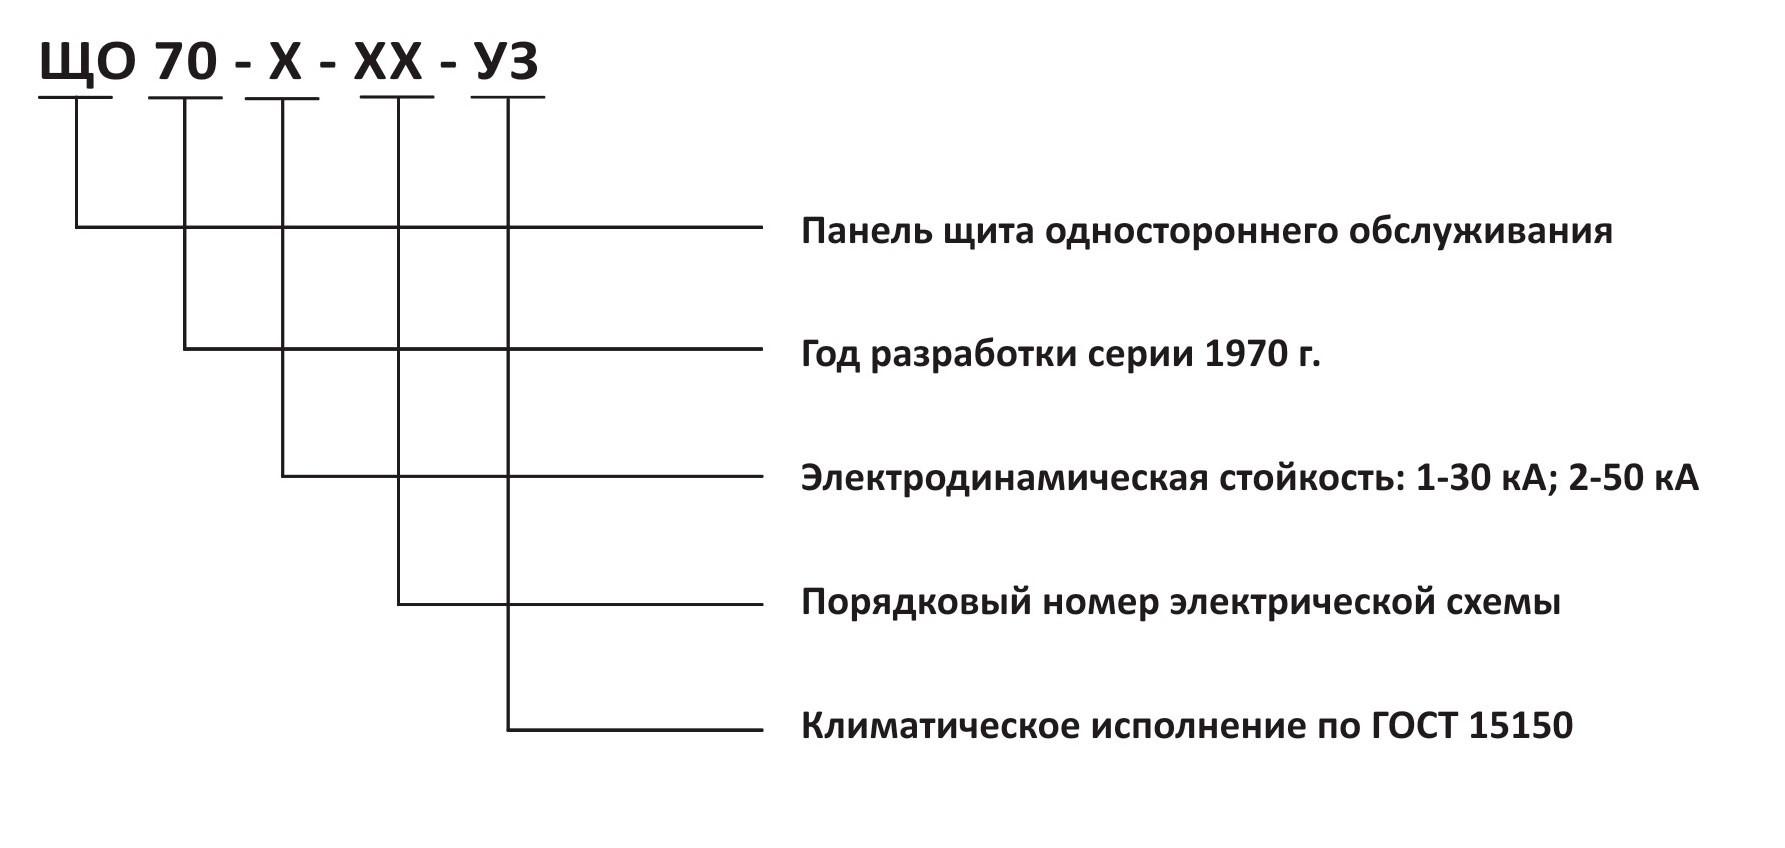 Структура условного обозначения ЩО